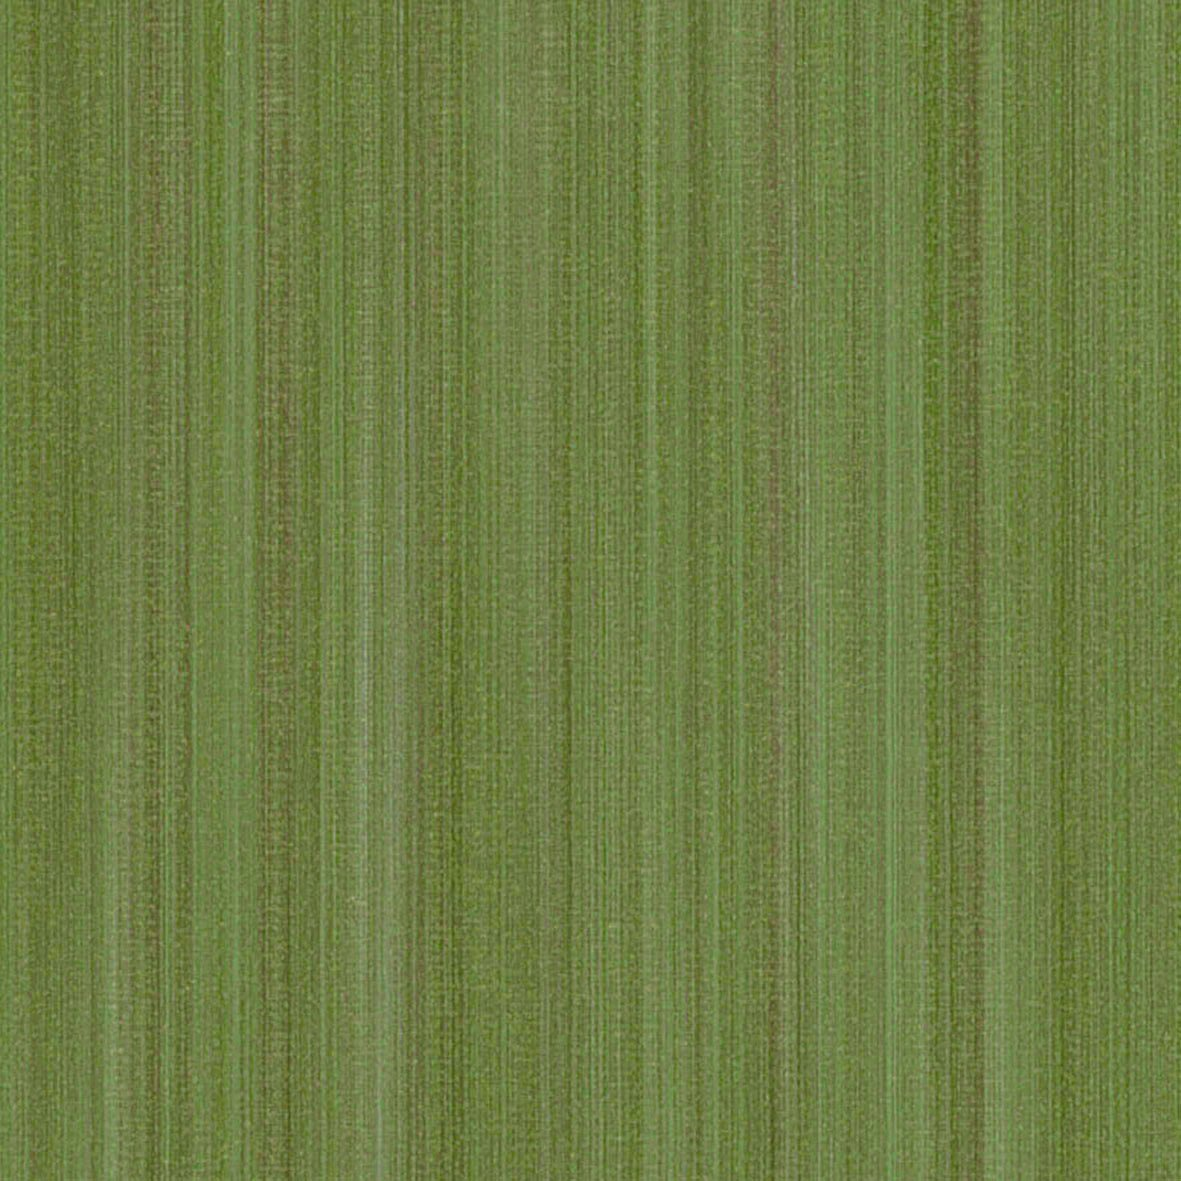 リリカラ 壁紙36m シンフル ストライプ グリーン LL-8608 B01N0698R9 36m|グリーン3